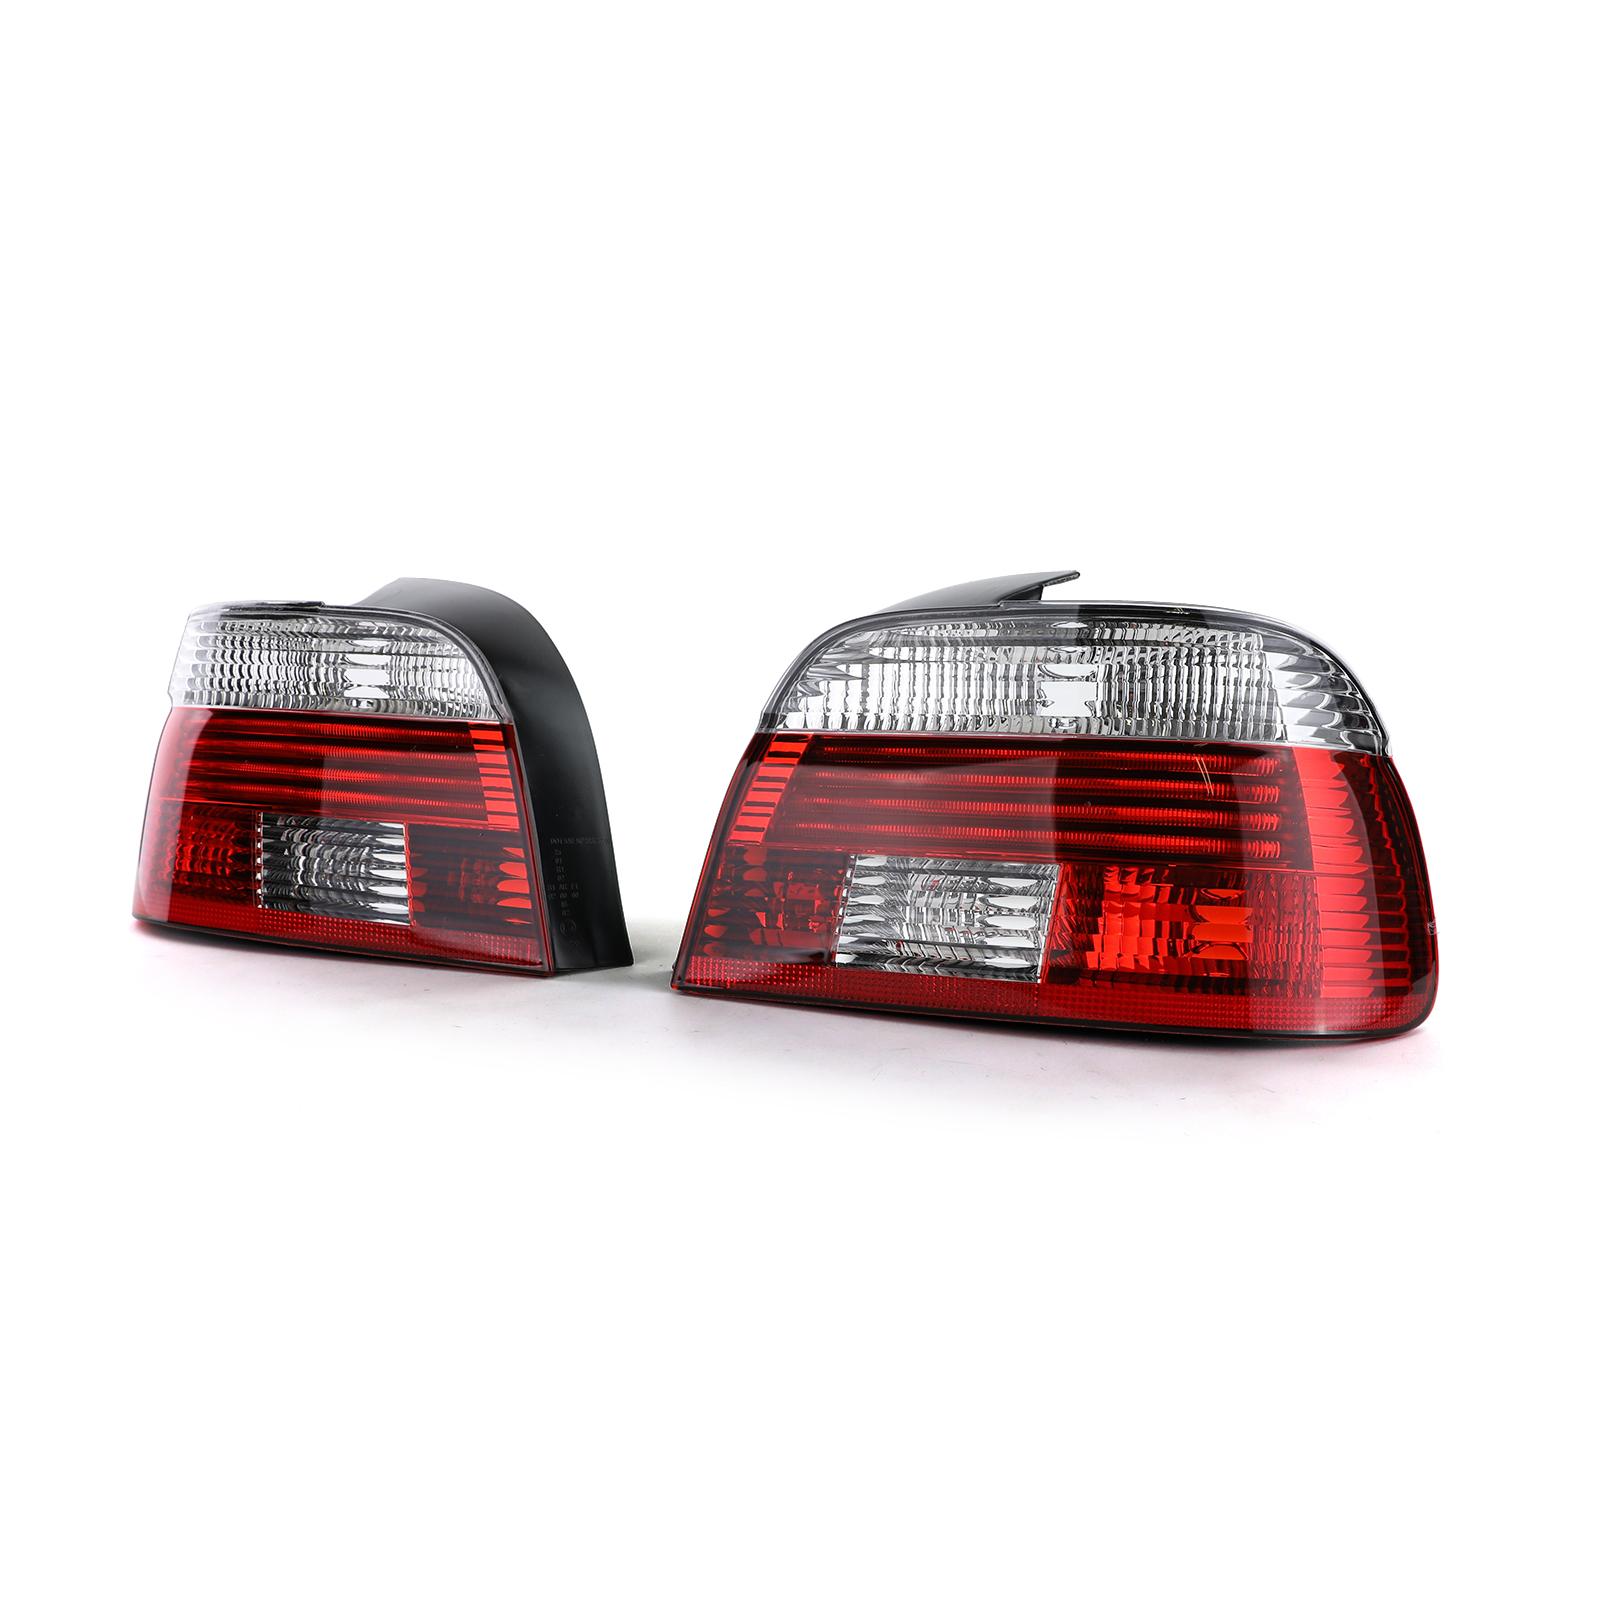 Facelift Ruckleuchten Rot Klar Fur Bmw 5er E39 Limousine 00 03 Ruckleuchten Beleuchtung Carparts Online Wir Haben Die Teile Fur Dein Auto